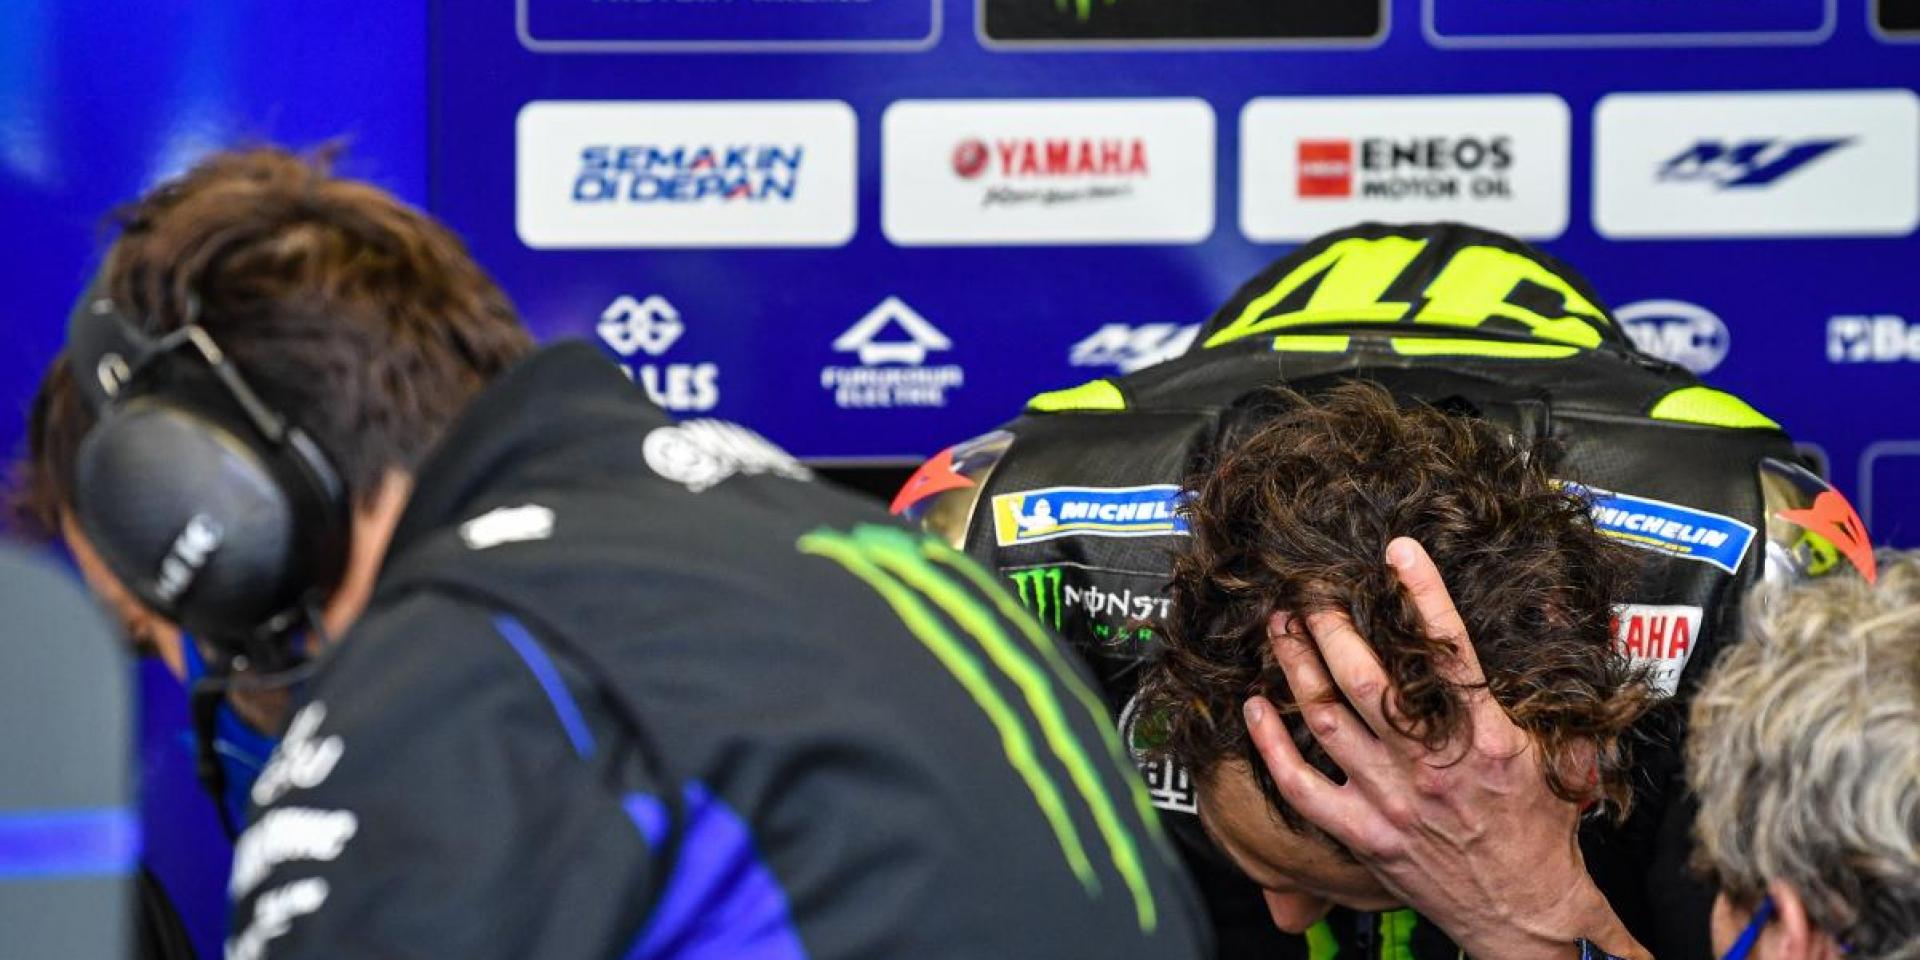 回歸希望落空!Valentino Rossi二度篩檢結果 :很不幸的是陽性反應。